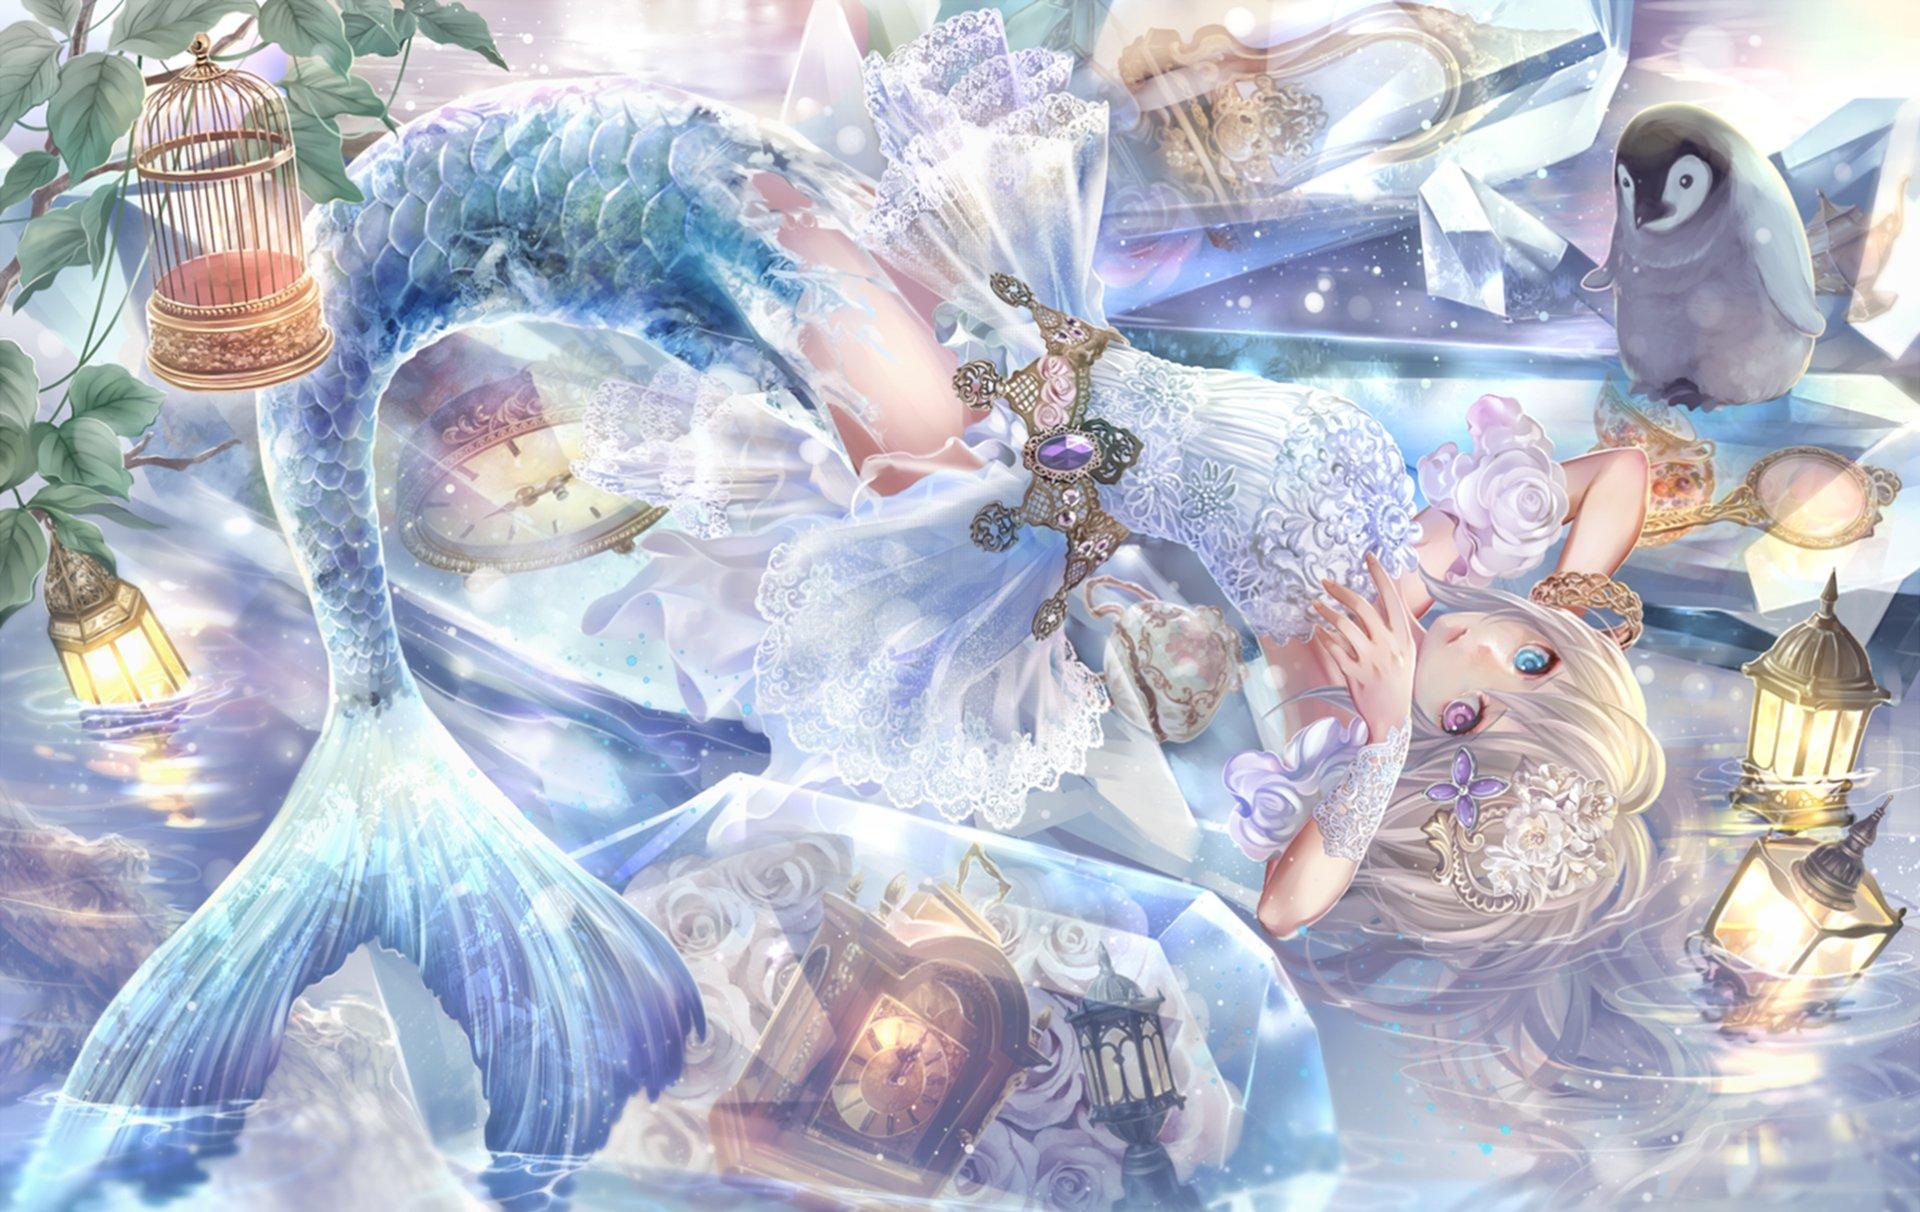 Anime - Original  Clock Water Heterochromia White Hair Long Hair Mermaid Lamp Animal Penguin Headdress Cage Lips Flower Blue Crystal Wallpaper